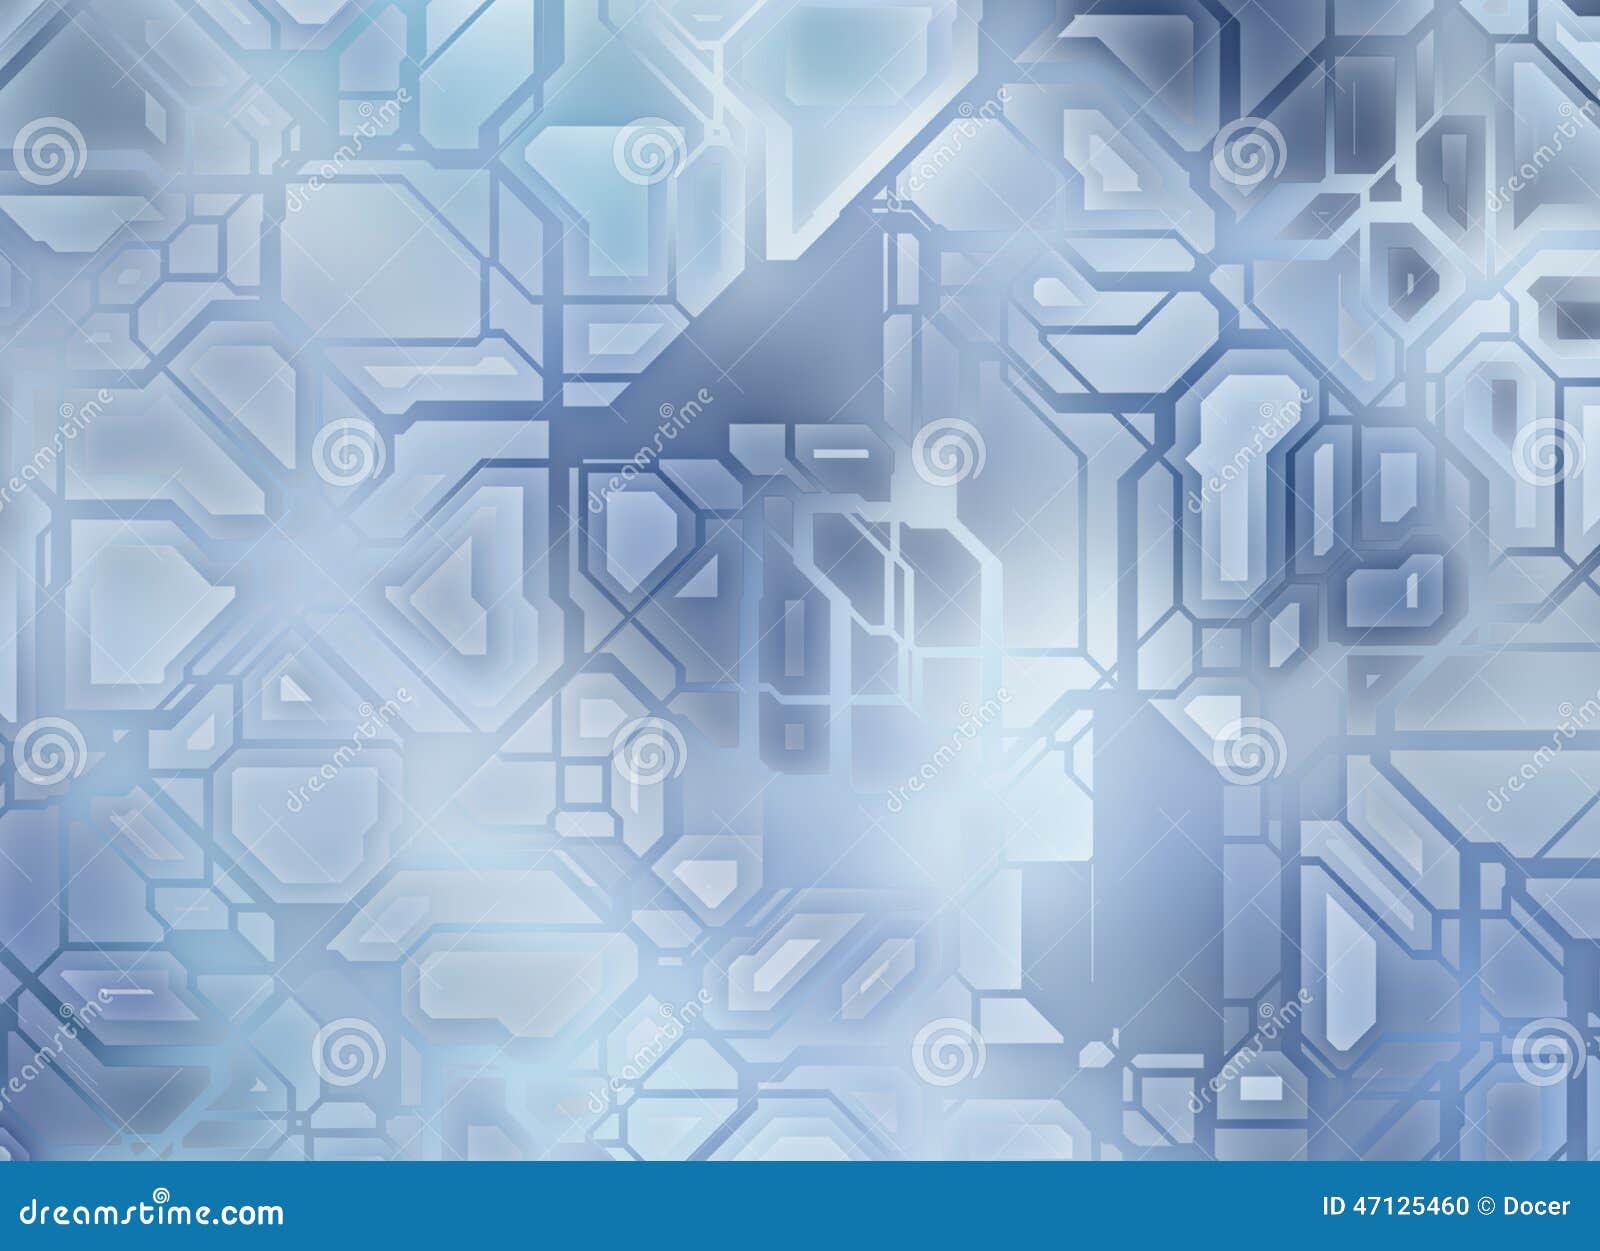 Futuristische abstrakte Technologieganghintergründe digitales glattes textur